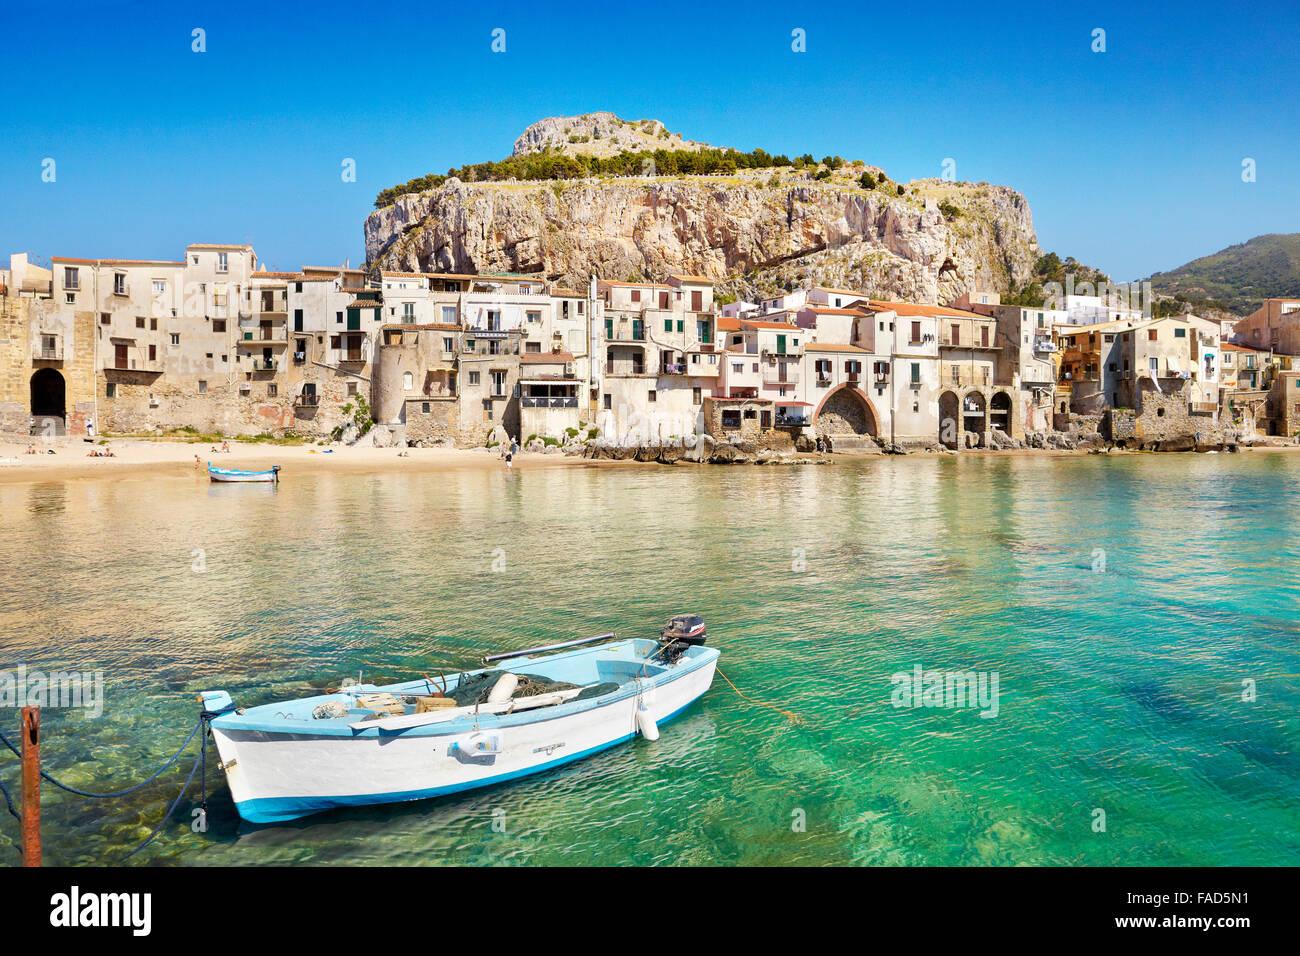 Bateau de pêche et des maisons médiévales de la vieille ville de Cefalù, Sicile, Italie Photo Stock